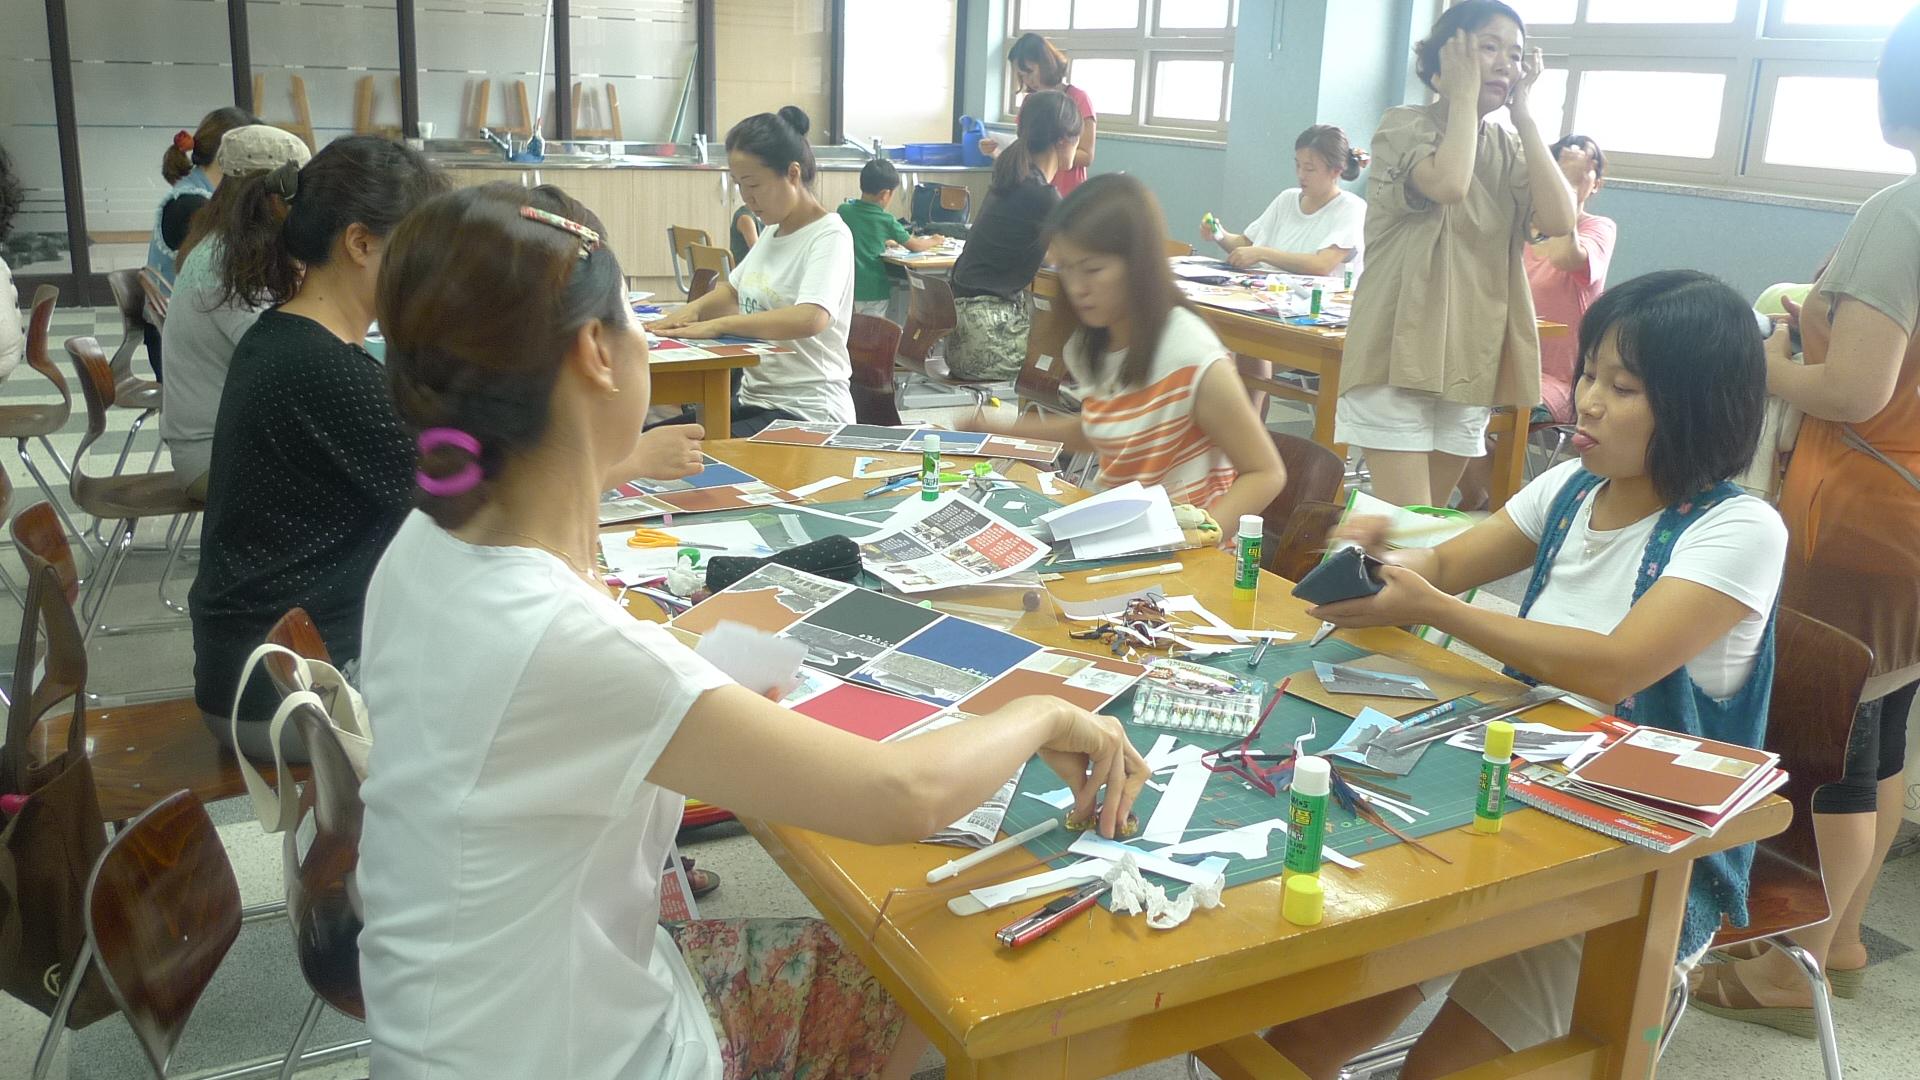 [일반] 학부모 평생교육 (북아트) 마지막시간의 첨부이미지 3